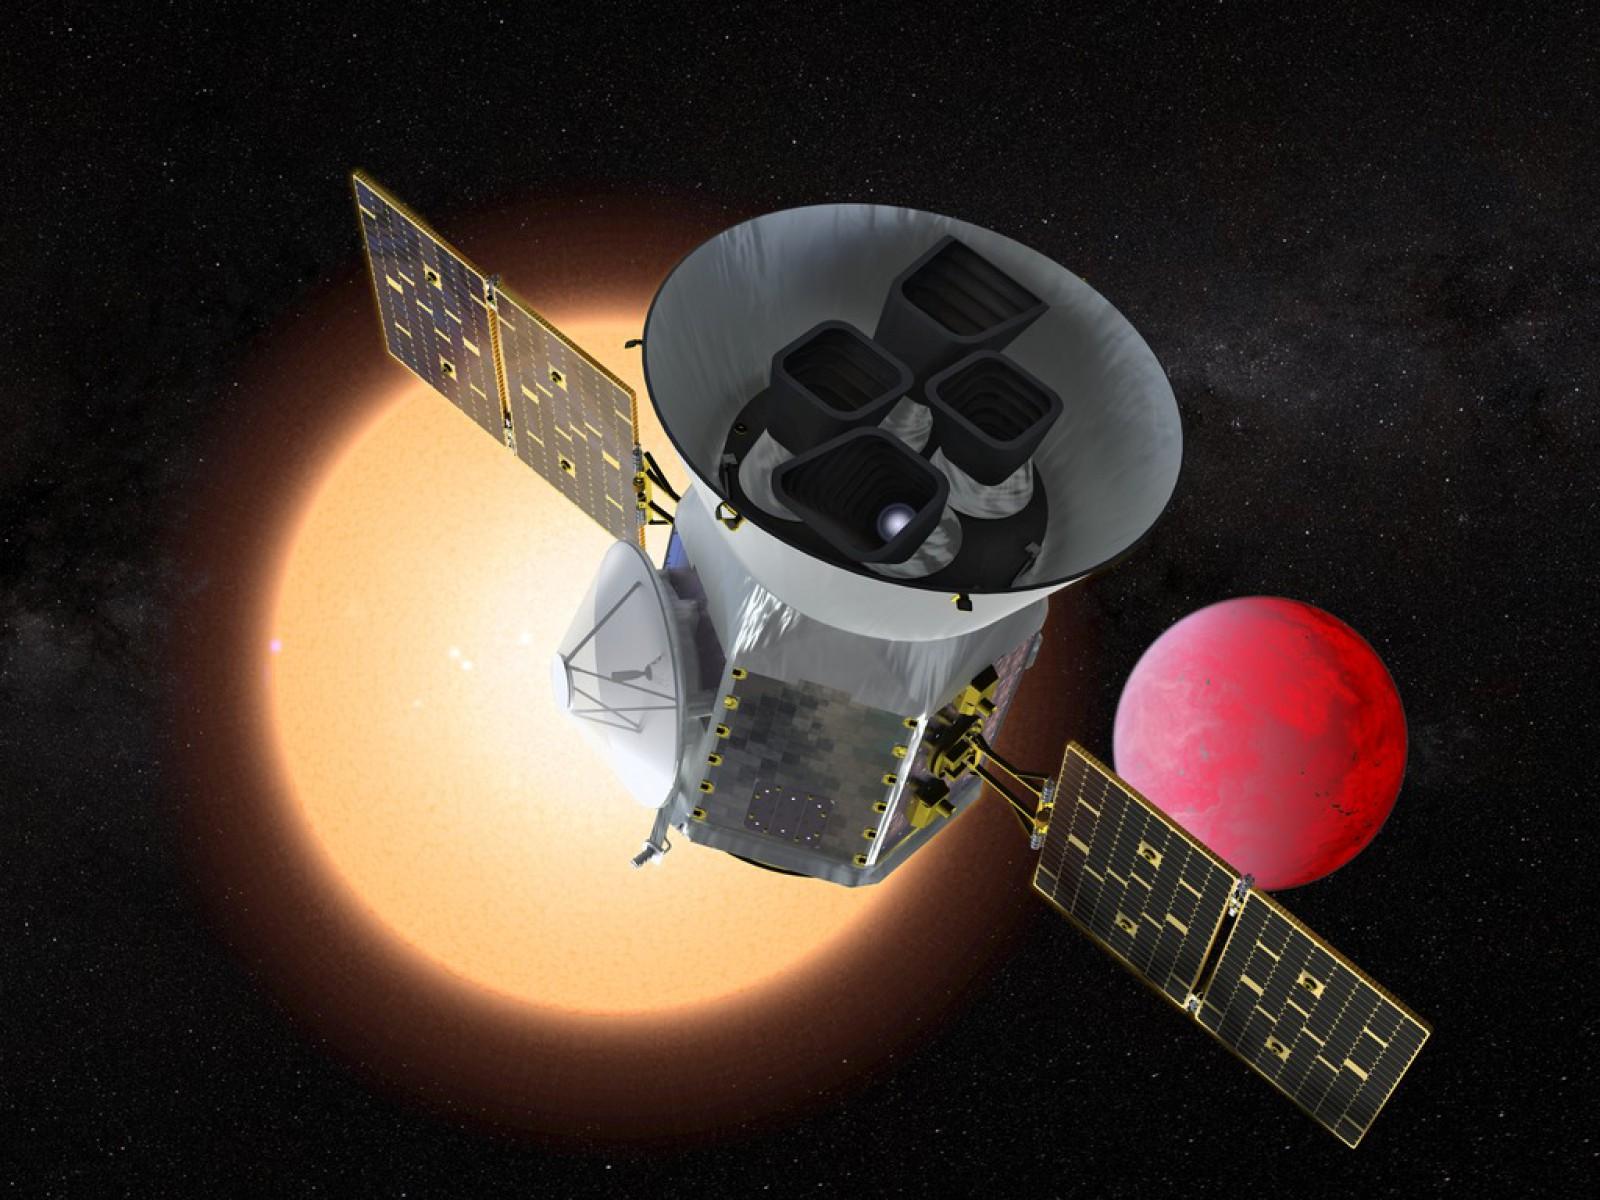 (foto) O nouă misiune NASA va explora viața extraterestră, în căutare de noi planete asemănătoare cu Pământul